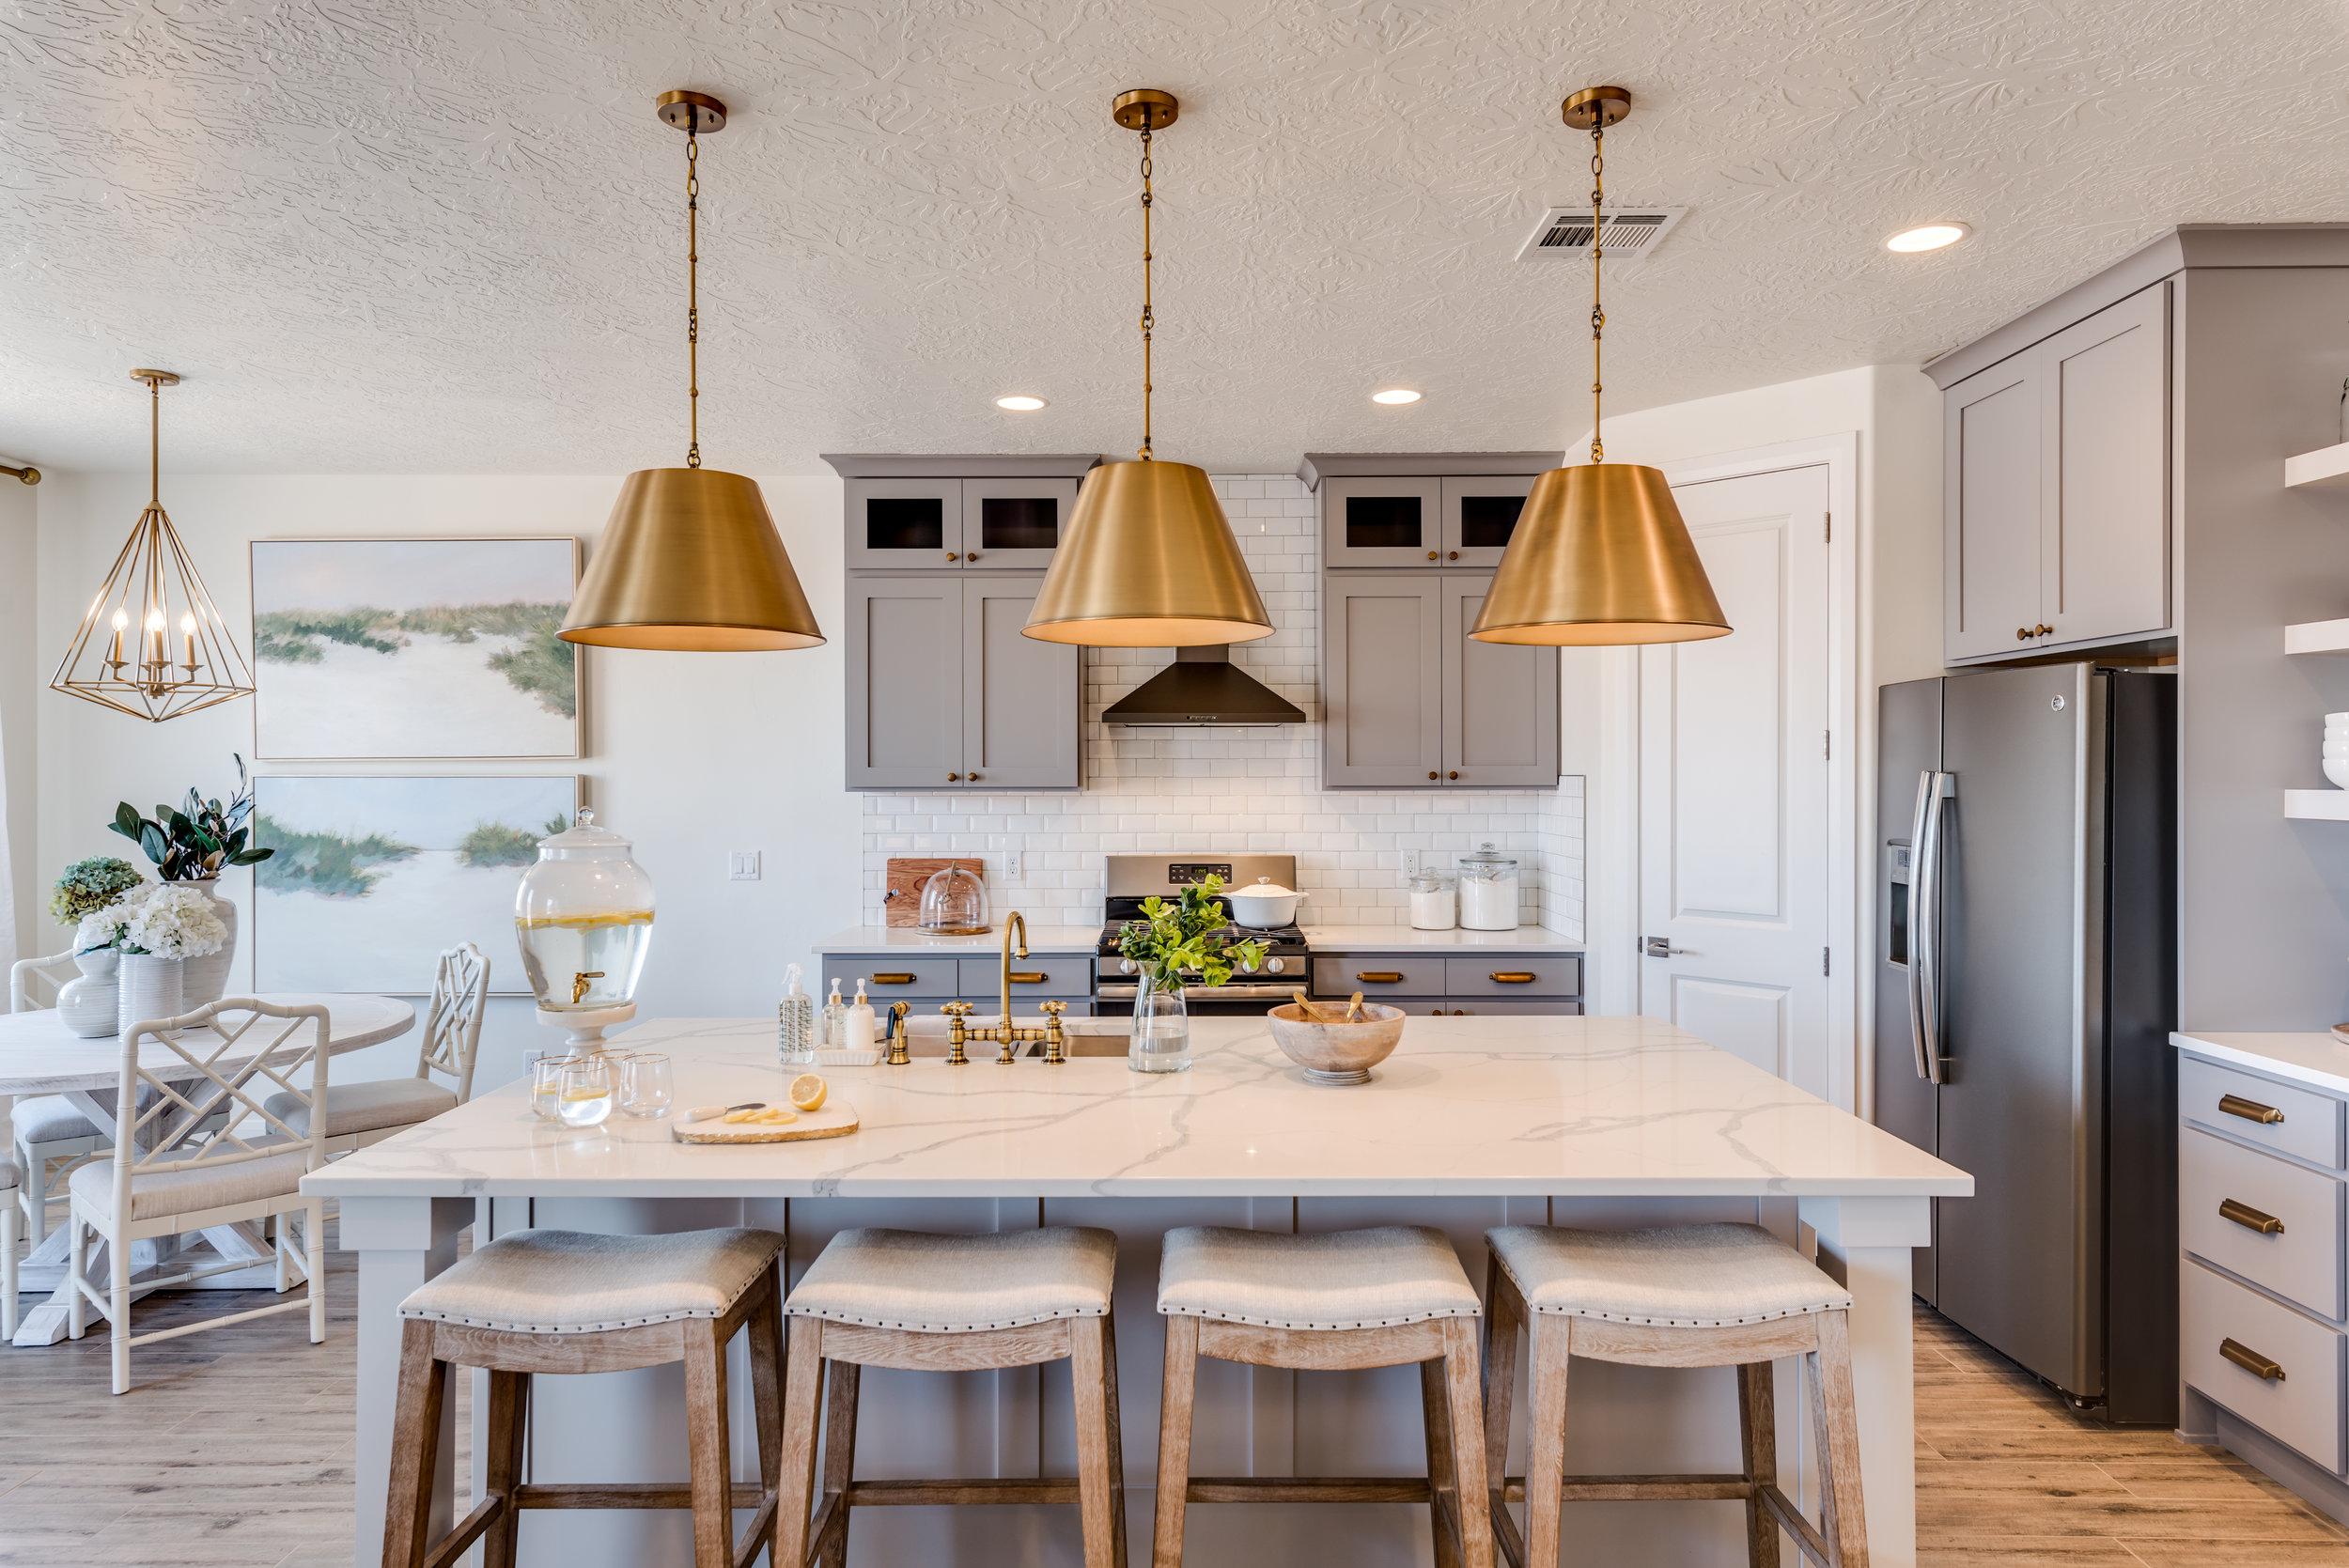 vintage modern home decor with modern kitchen